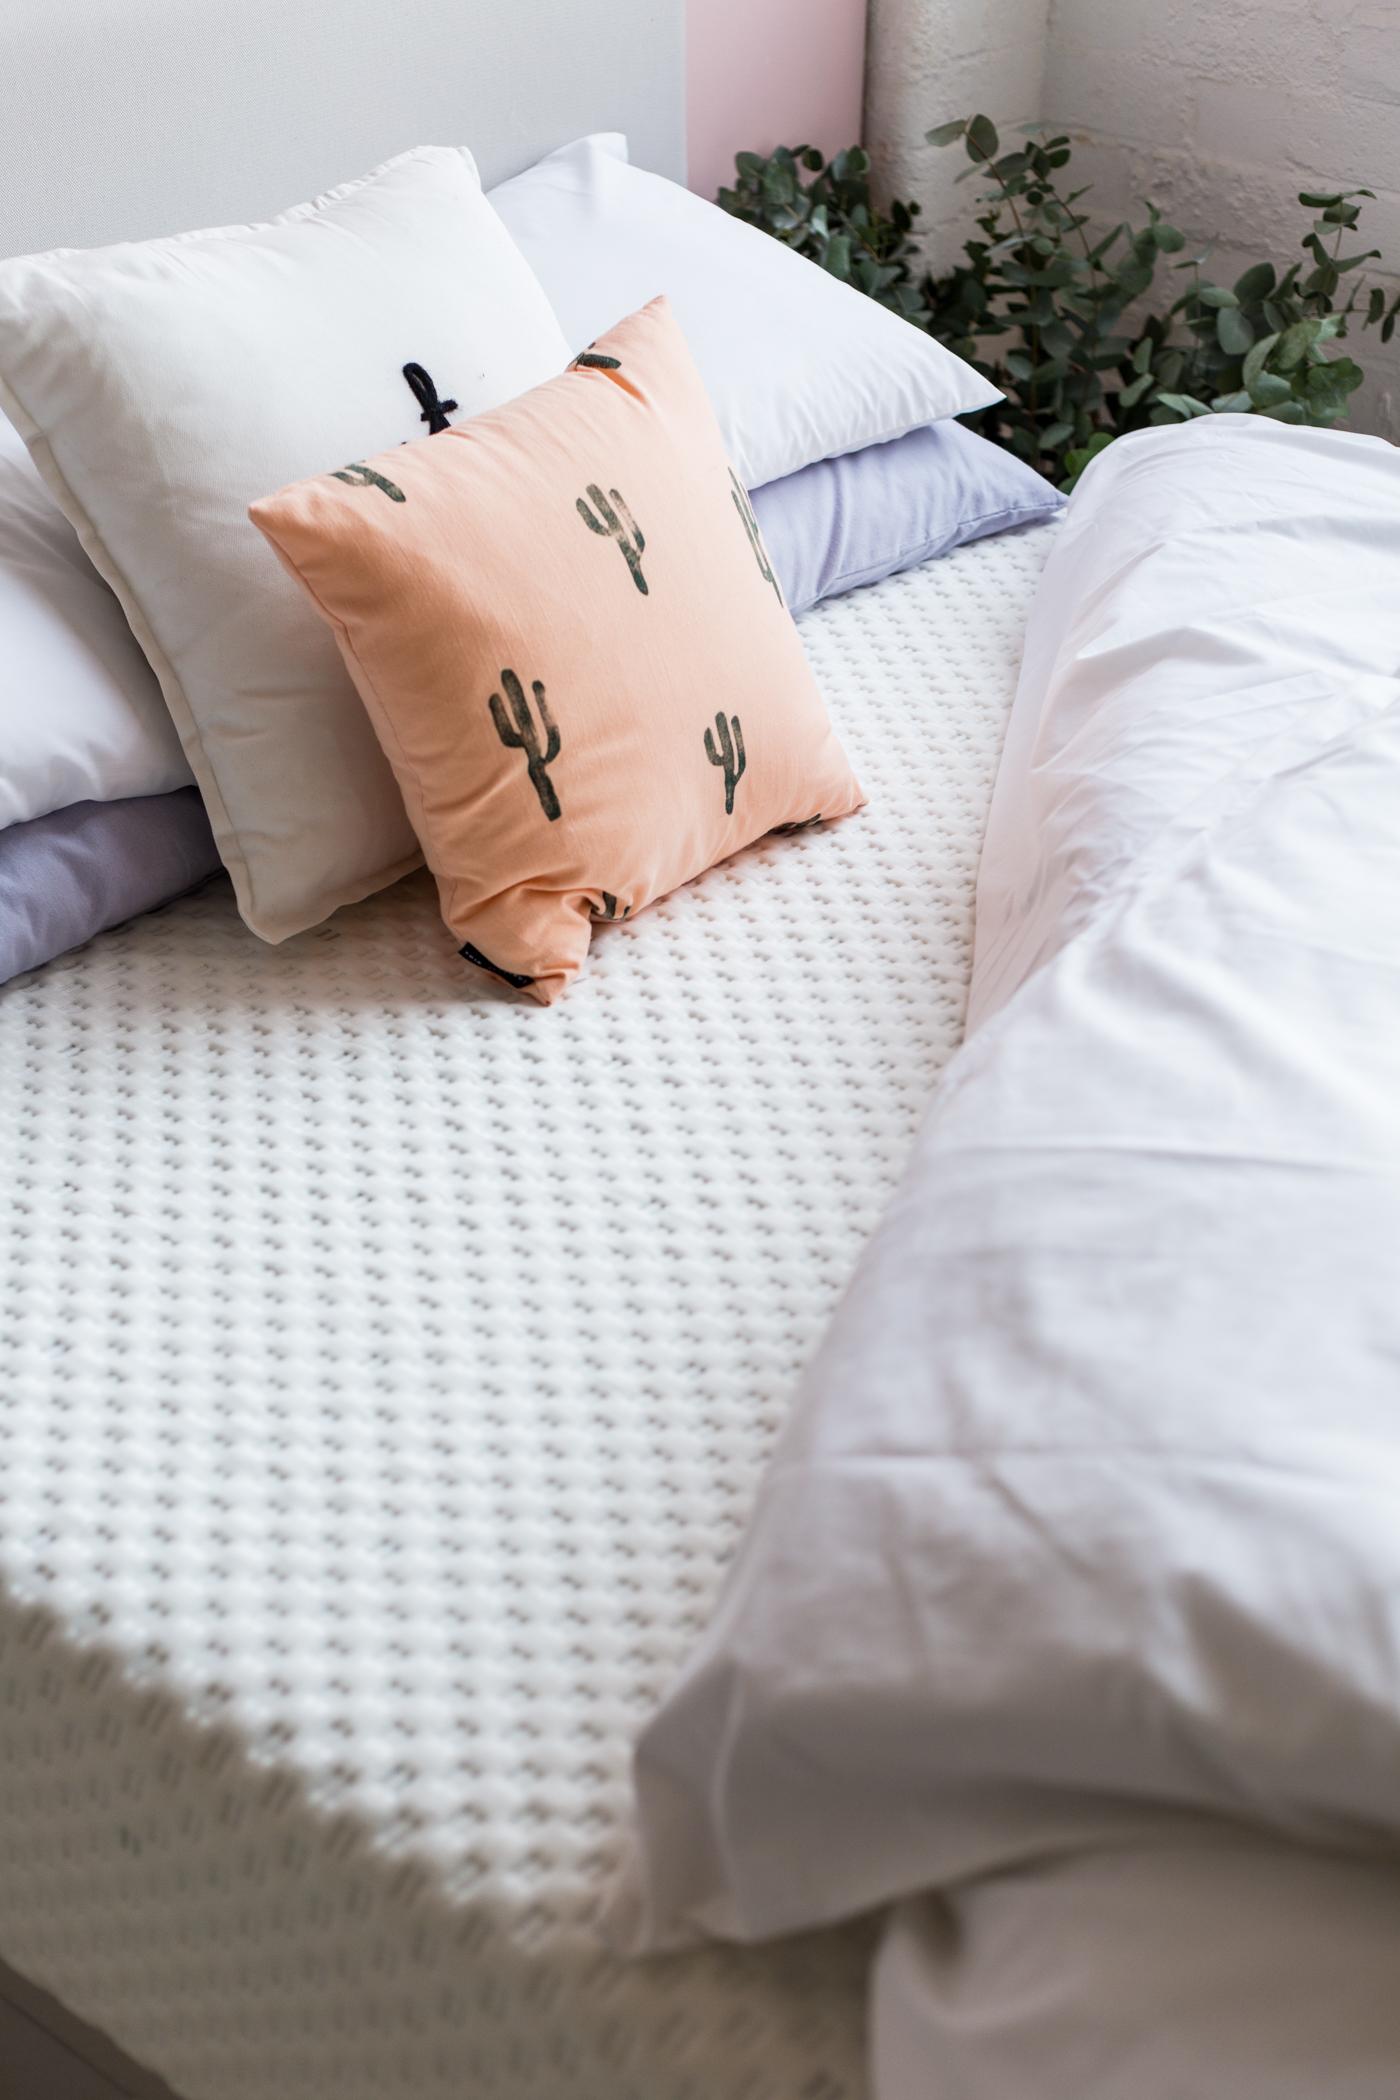 silentnight-mattress-review-4